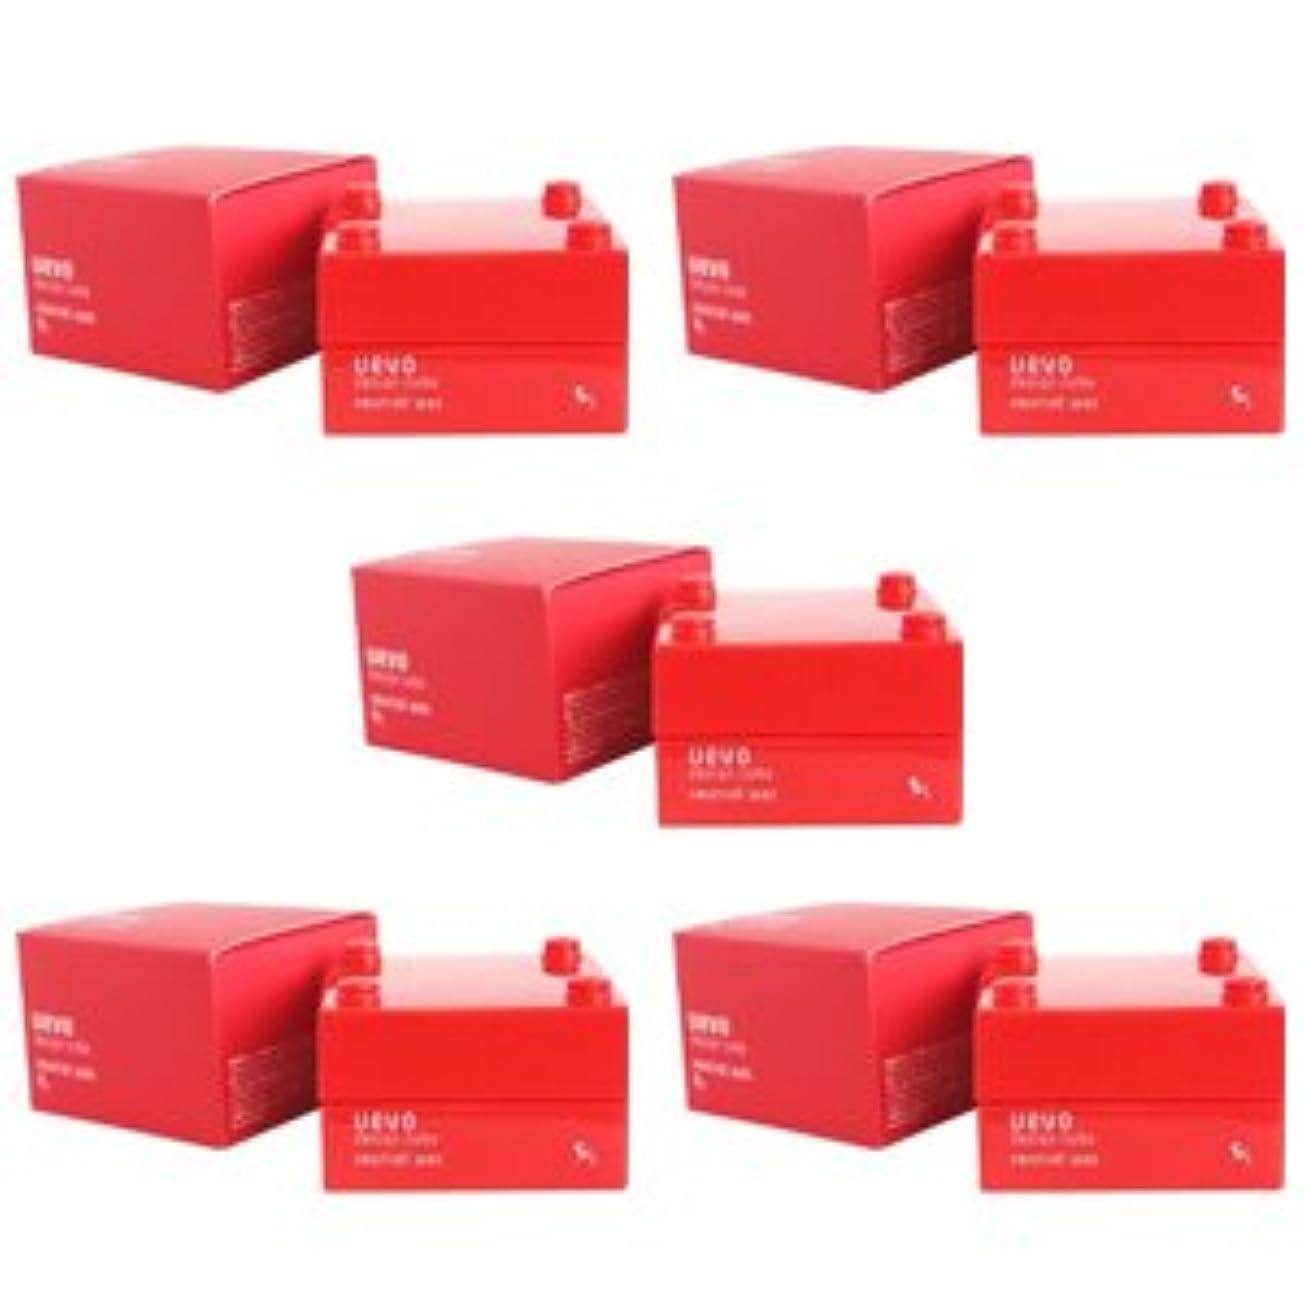 アルファベット典型的なメドレー【X5個セット】 デミ ウェーボ デザインキューブ ニュートラルワックス 30g neutral wax DEMI uevo design cube